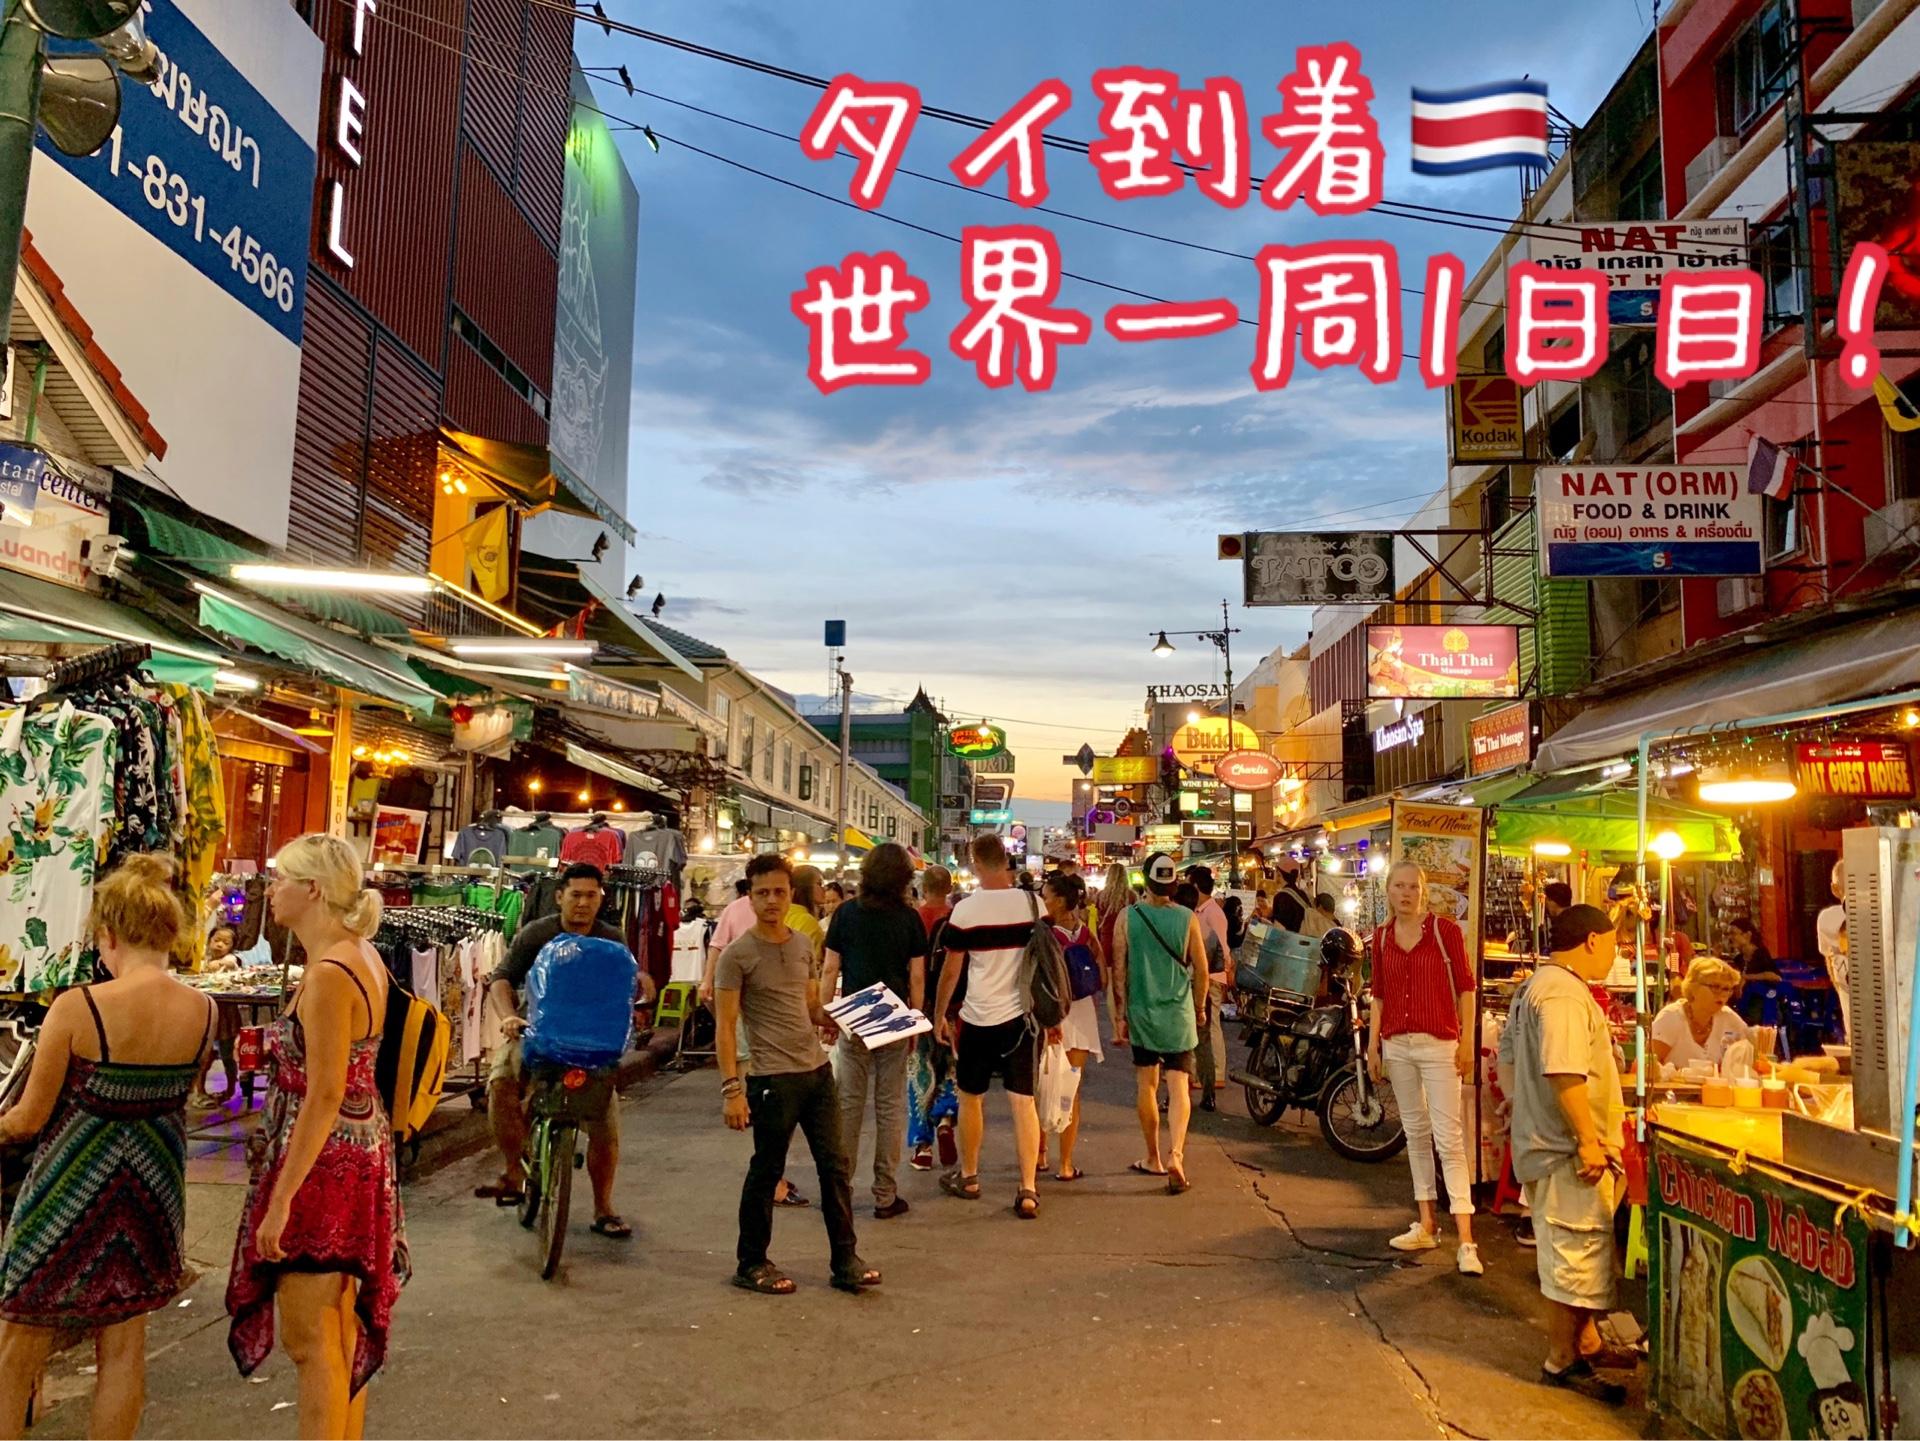 プレハネ世界一周が始まるよー!一ヶ国目はバックパッカーの聖地タイへ!